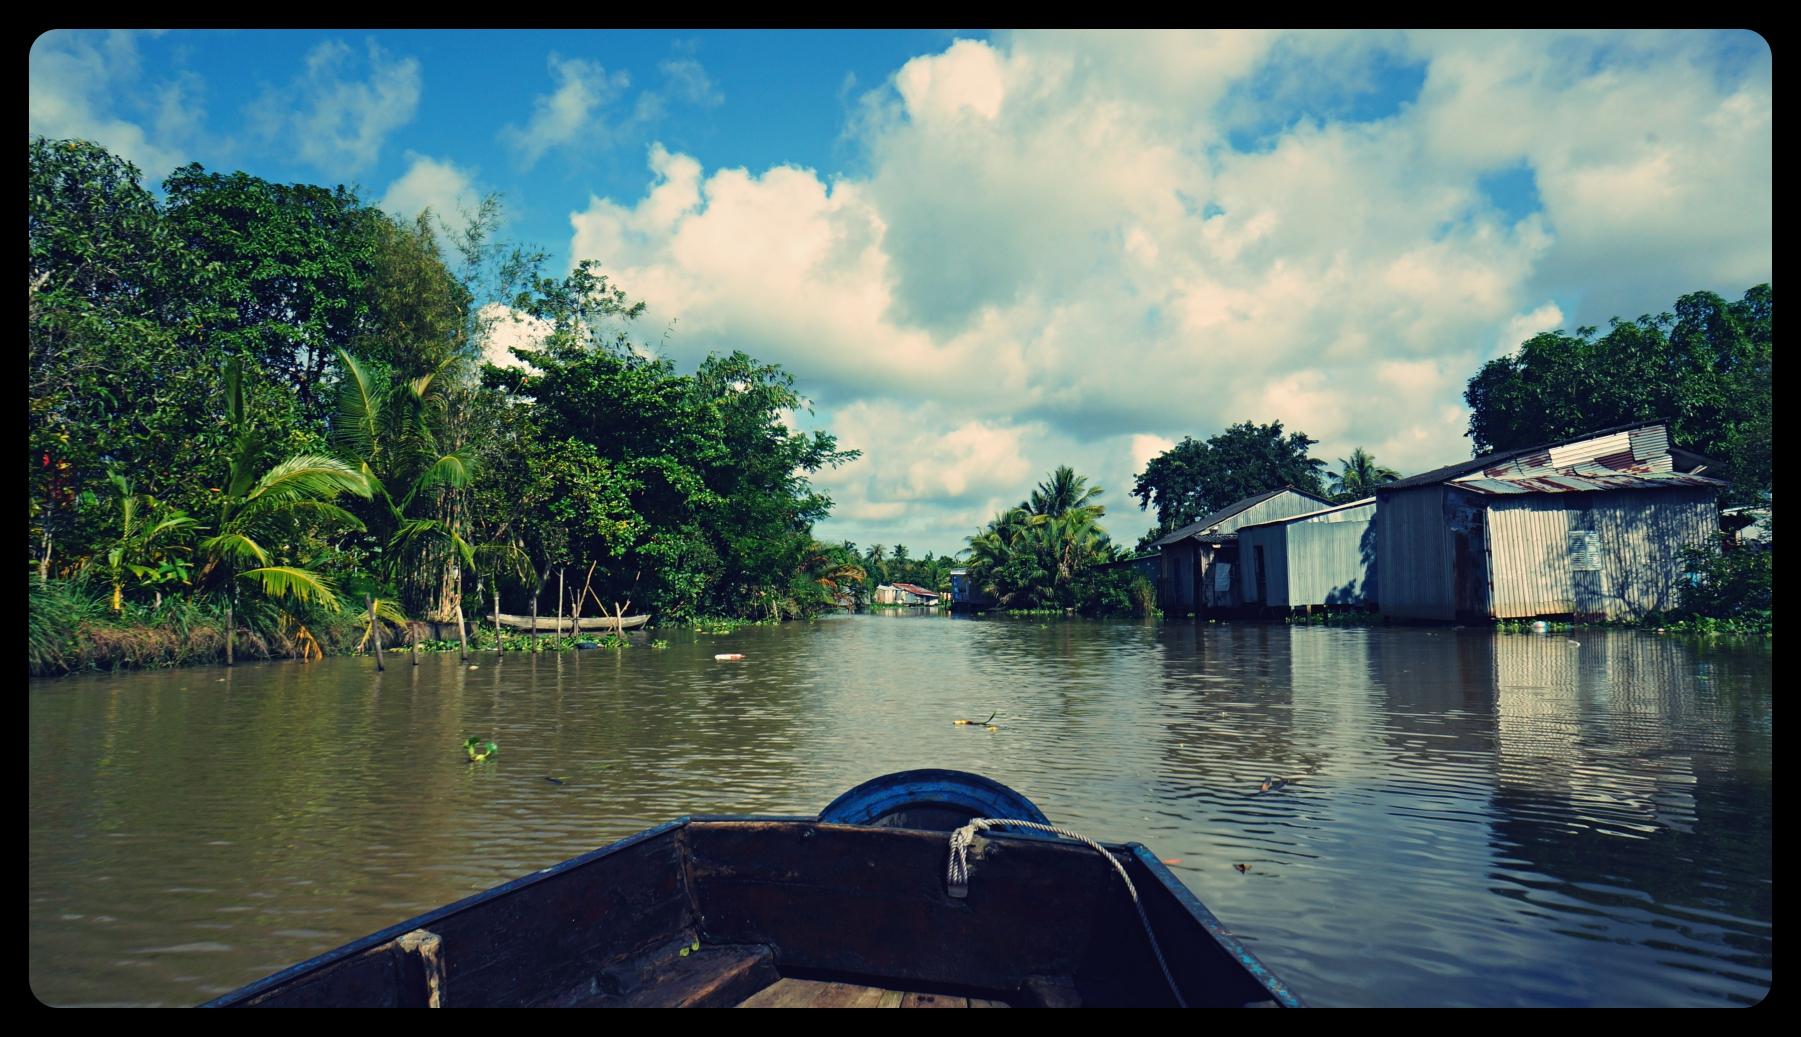 Prowizoryczne domy biednych mieszkańców Wietnamu